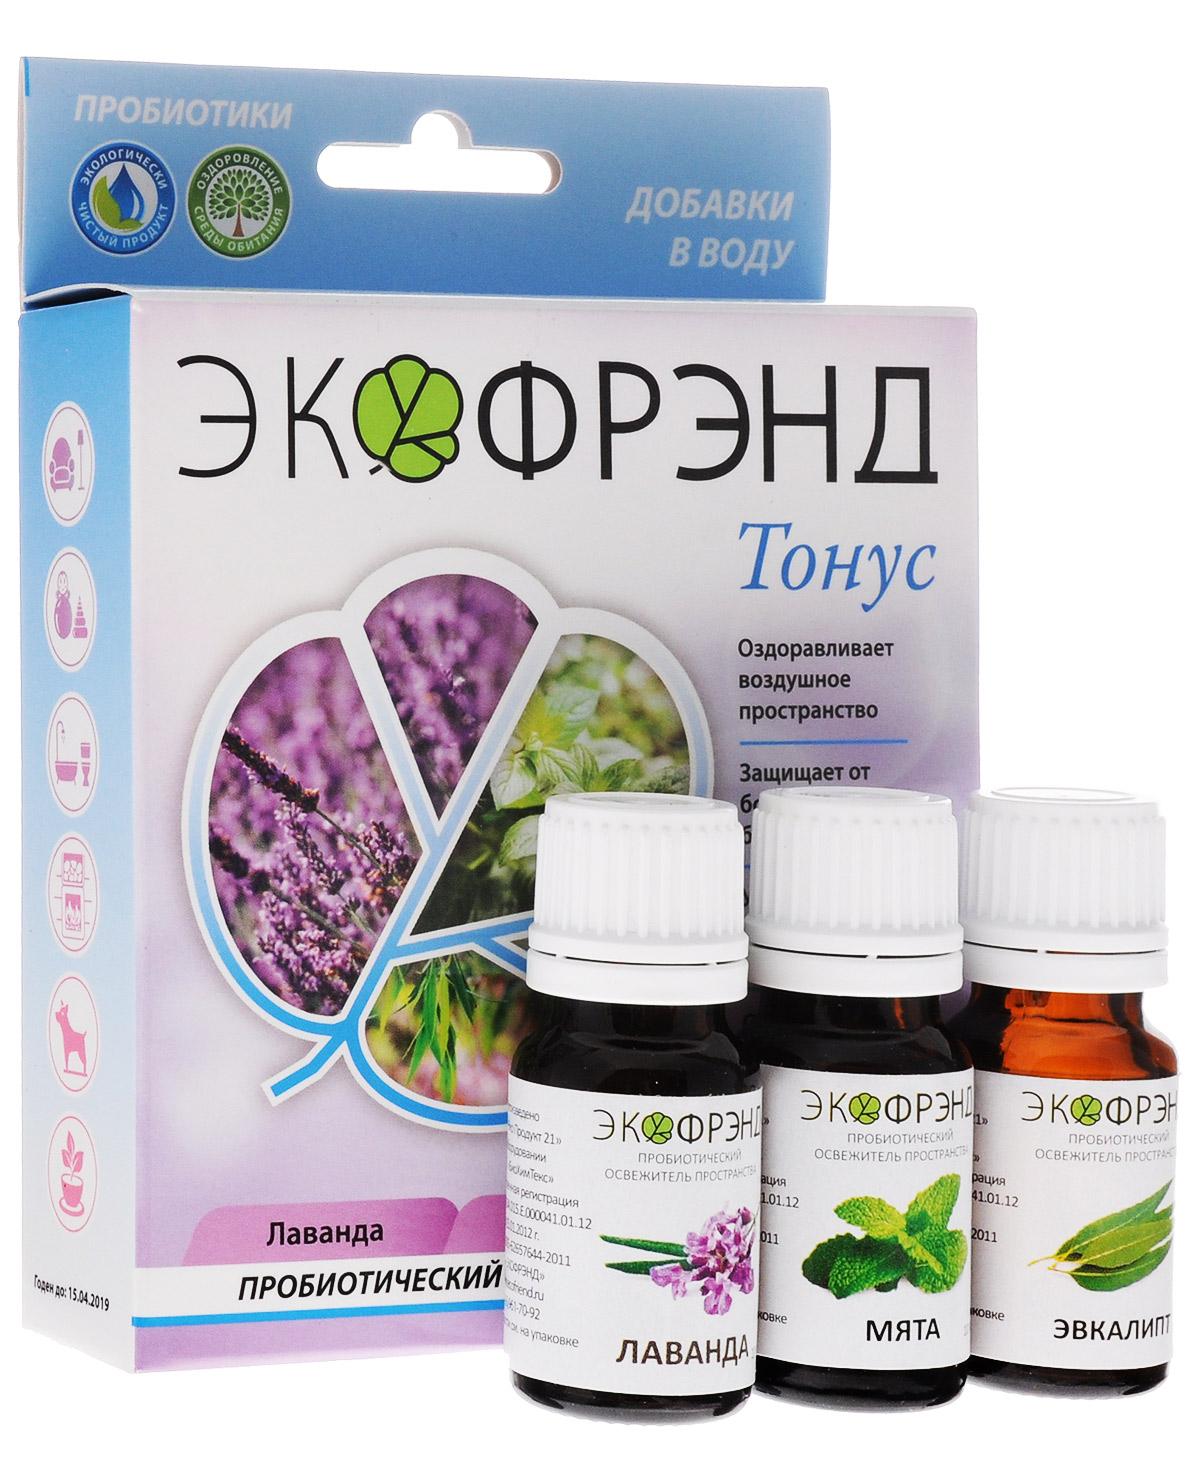 Экофрэнд Тонус пробиотический освежитель пространства Лаванда, Мята, ЭвкалиптТОНУСЭкологичное пробиотическое средство - концентрат, на основе эфирного масла лайма. Средство устраняет пыль, гарь, смог, неприятные запахи, очищает воздух и создает защиту на микробиологическом уровне. Нейтрализует негативное воздействие окружающей среды и электромагнитное излучение, оздоравливает воздушное пространство. Освежитель не разрушает озоновый слой, не раздражает кожу и дыхательные пути. «Тонус» (с эфирной компонентой масла лайма), как и другие цитрусовые, является прекрасным антисептиком. Освежающий запах оказывает стимулирующее и тонизирующее воздействие. Подарит чувство покоя, повысит настроение и придаст оптимизма. При распылении в пространстве помещения обладает антивирусным, антисептическим, бактерицидным и жаропонижающим воздействием на человека.